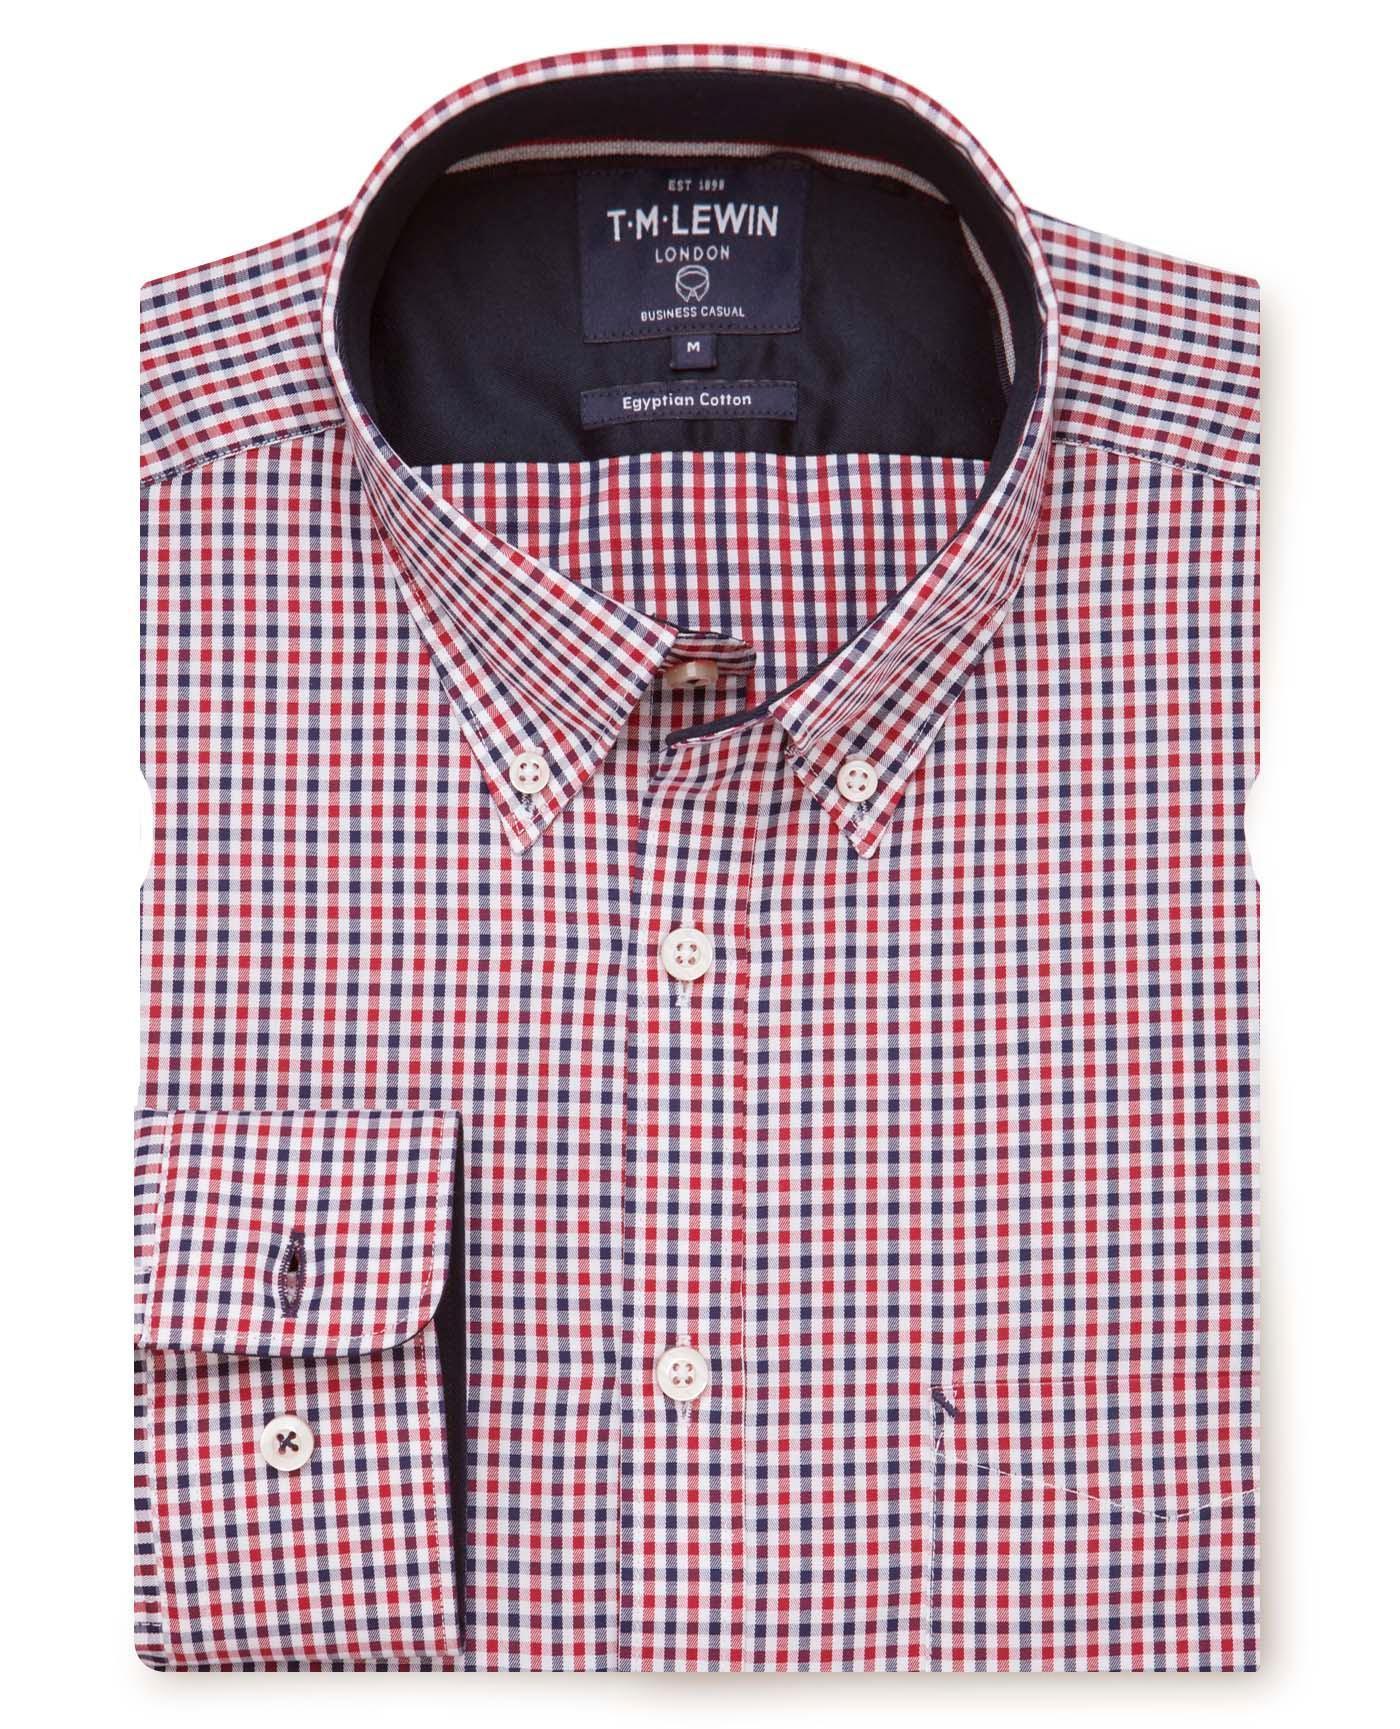 Tm Lewin Slim Fit Shirt Review